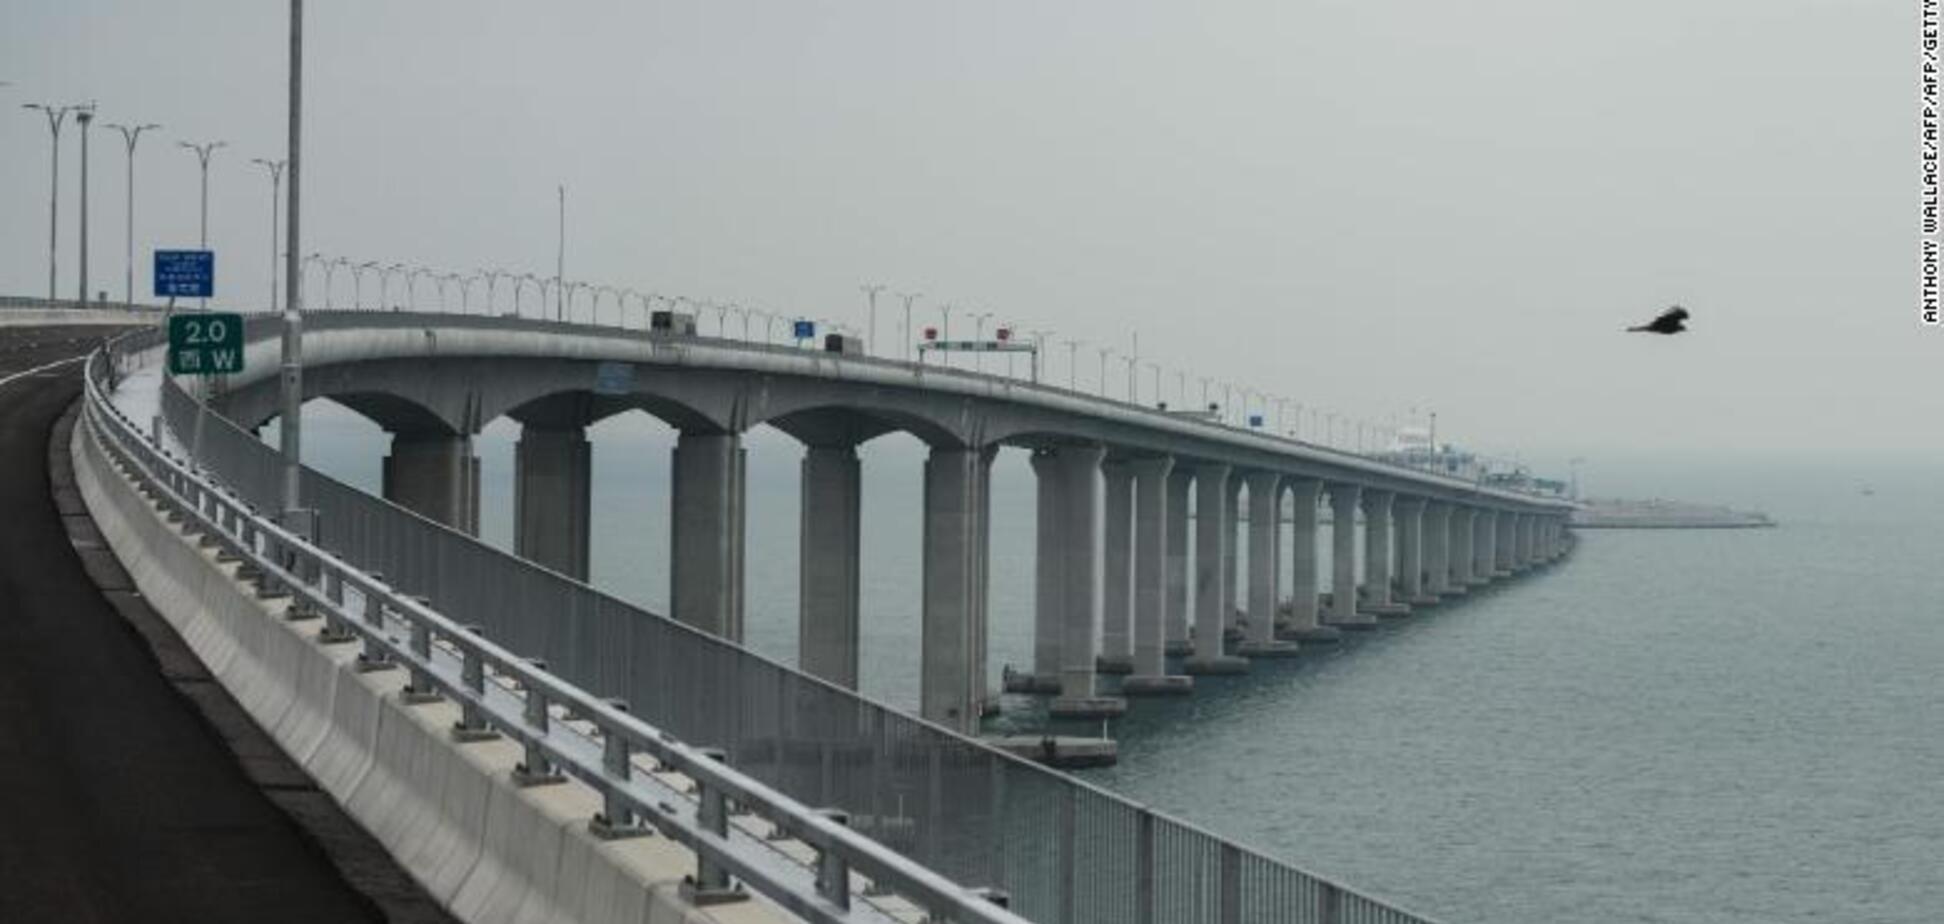 Самый длинный морской мост в мире открыли: зрелищные фото и видео